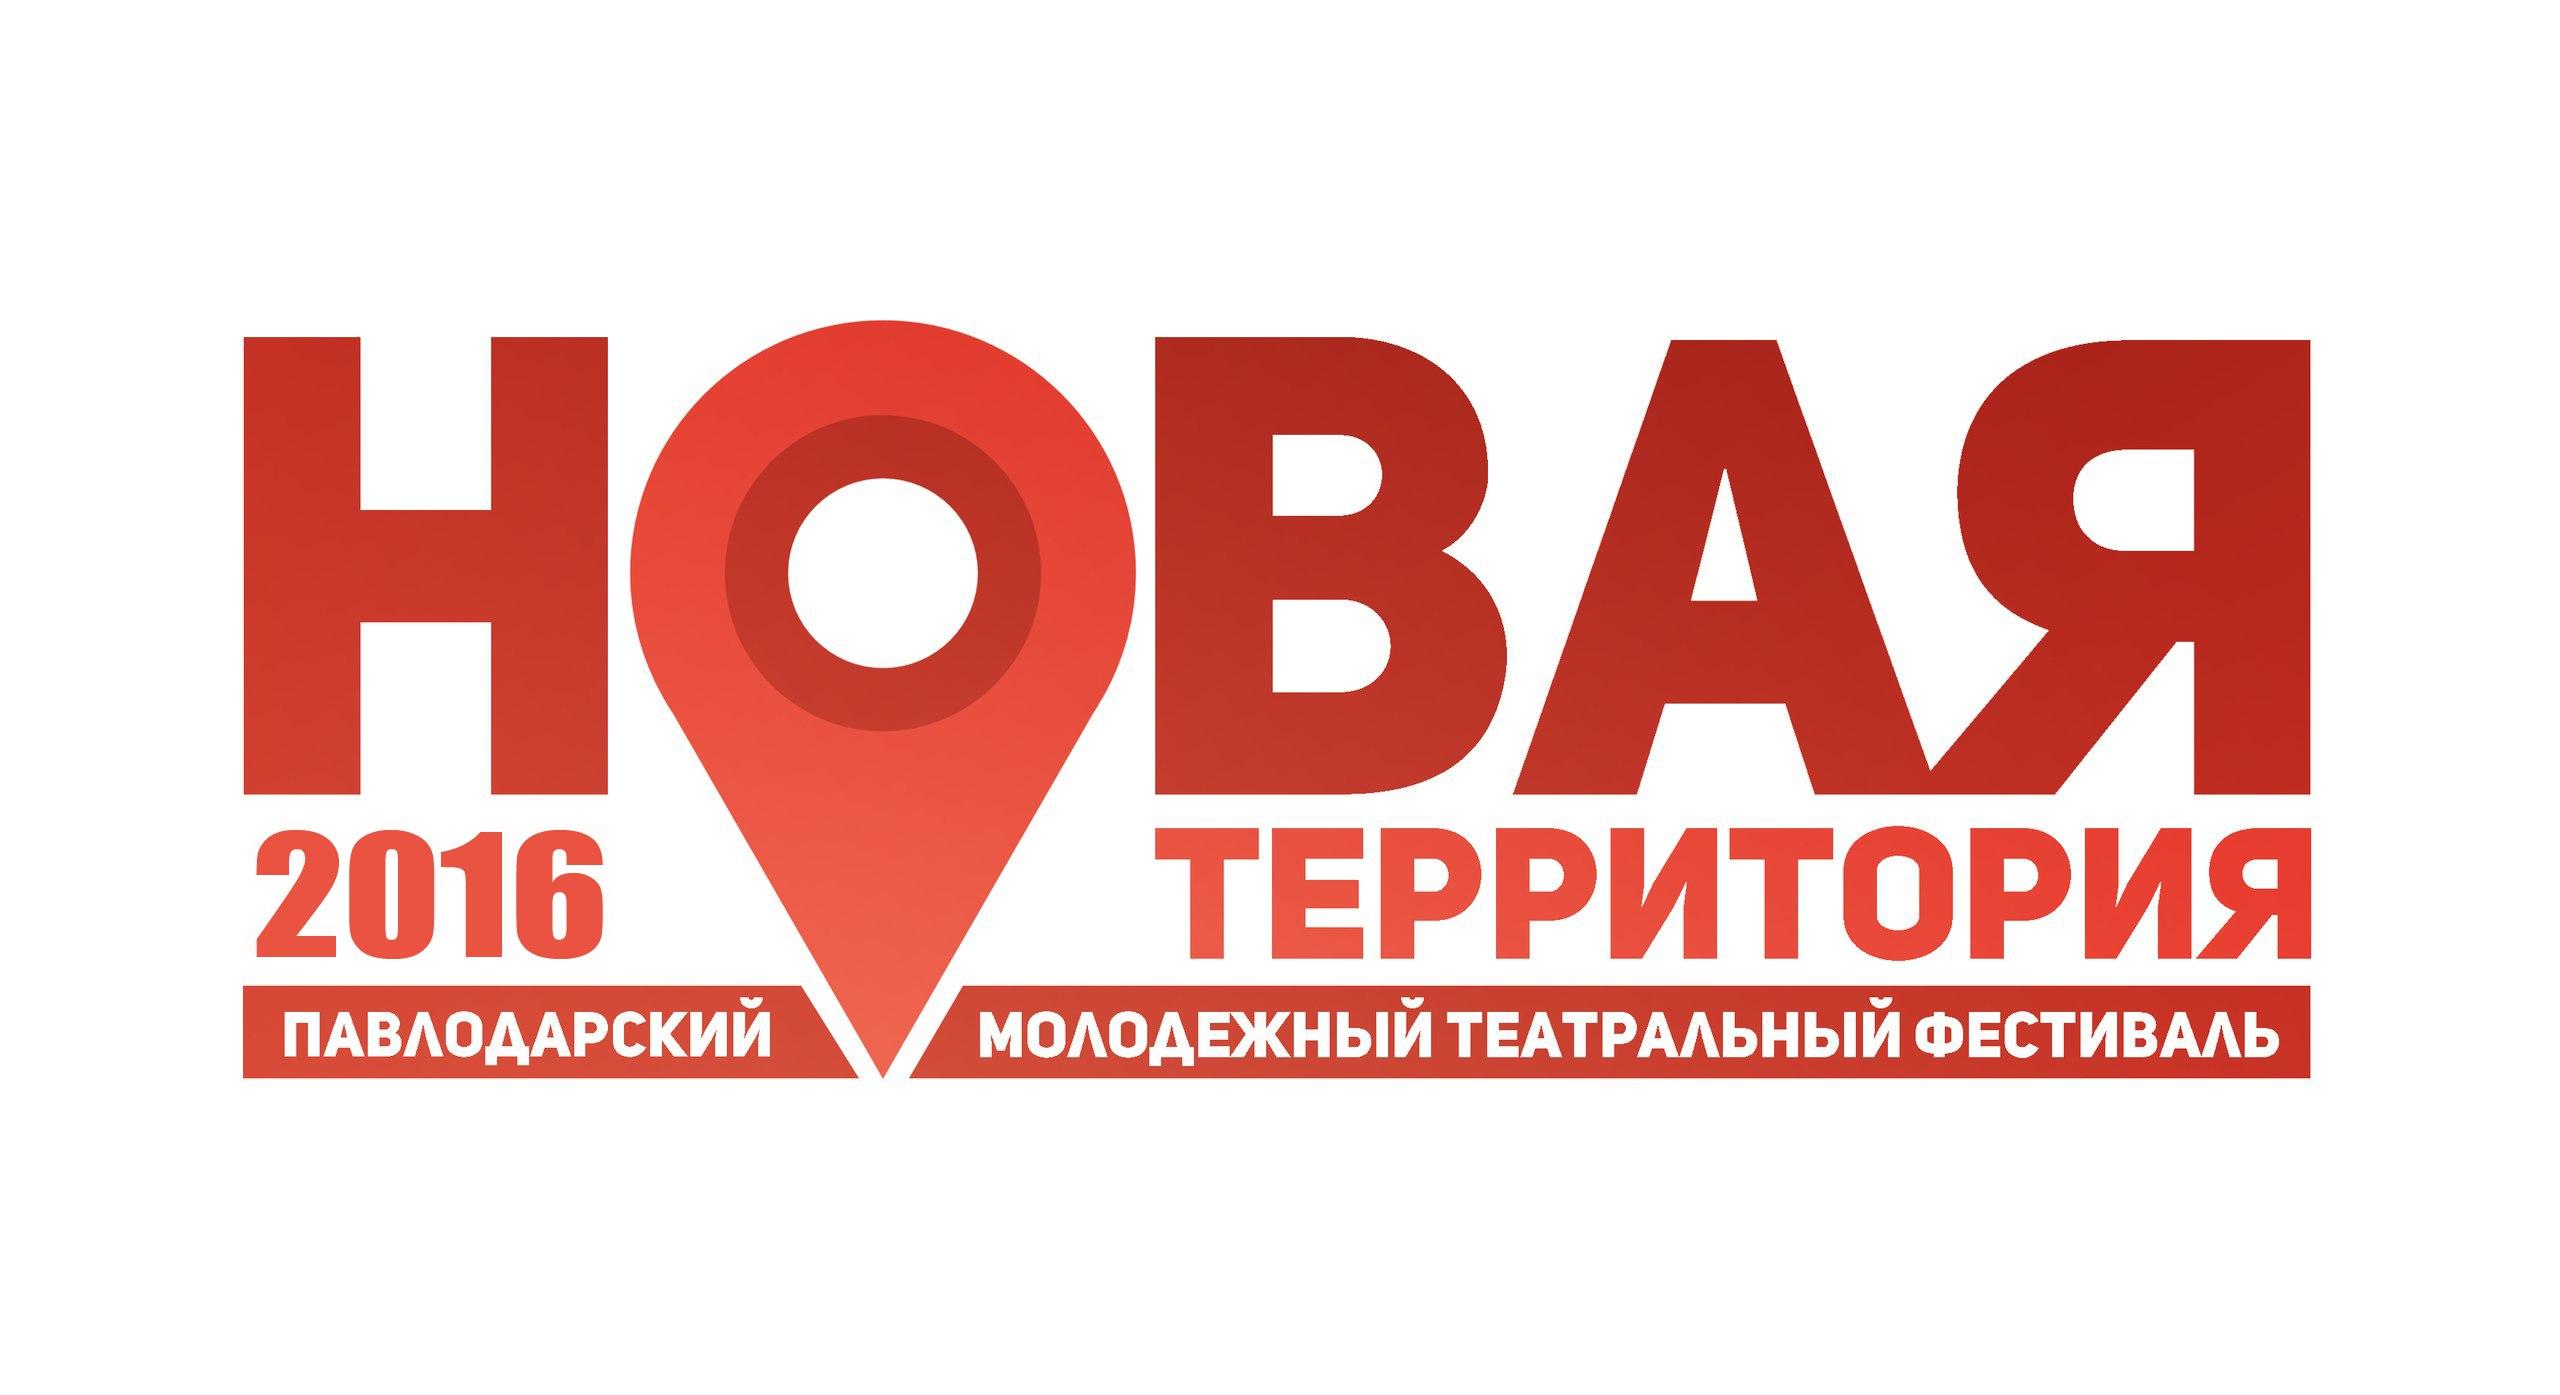 Павлодарский молодежный театральный фестиваль